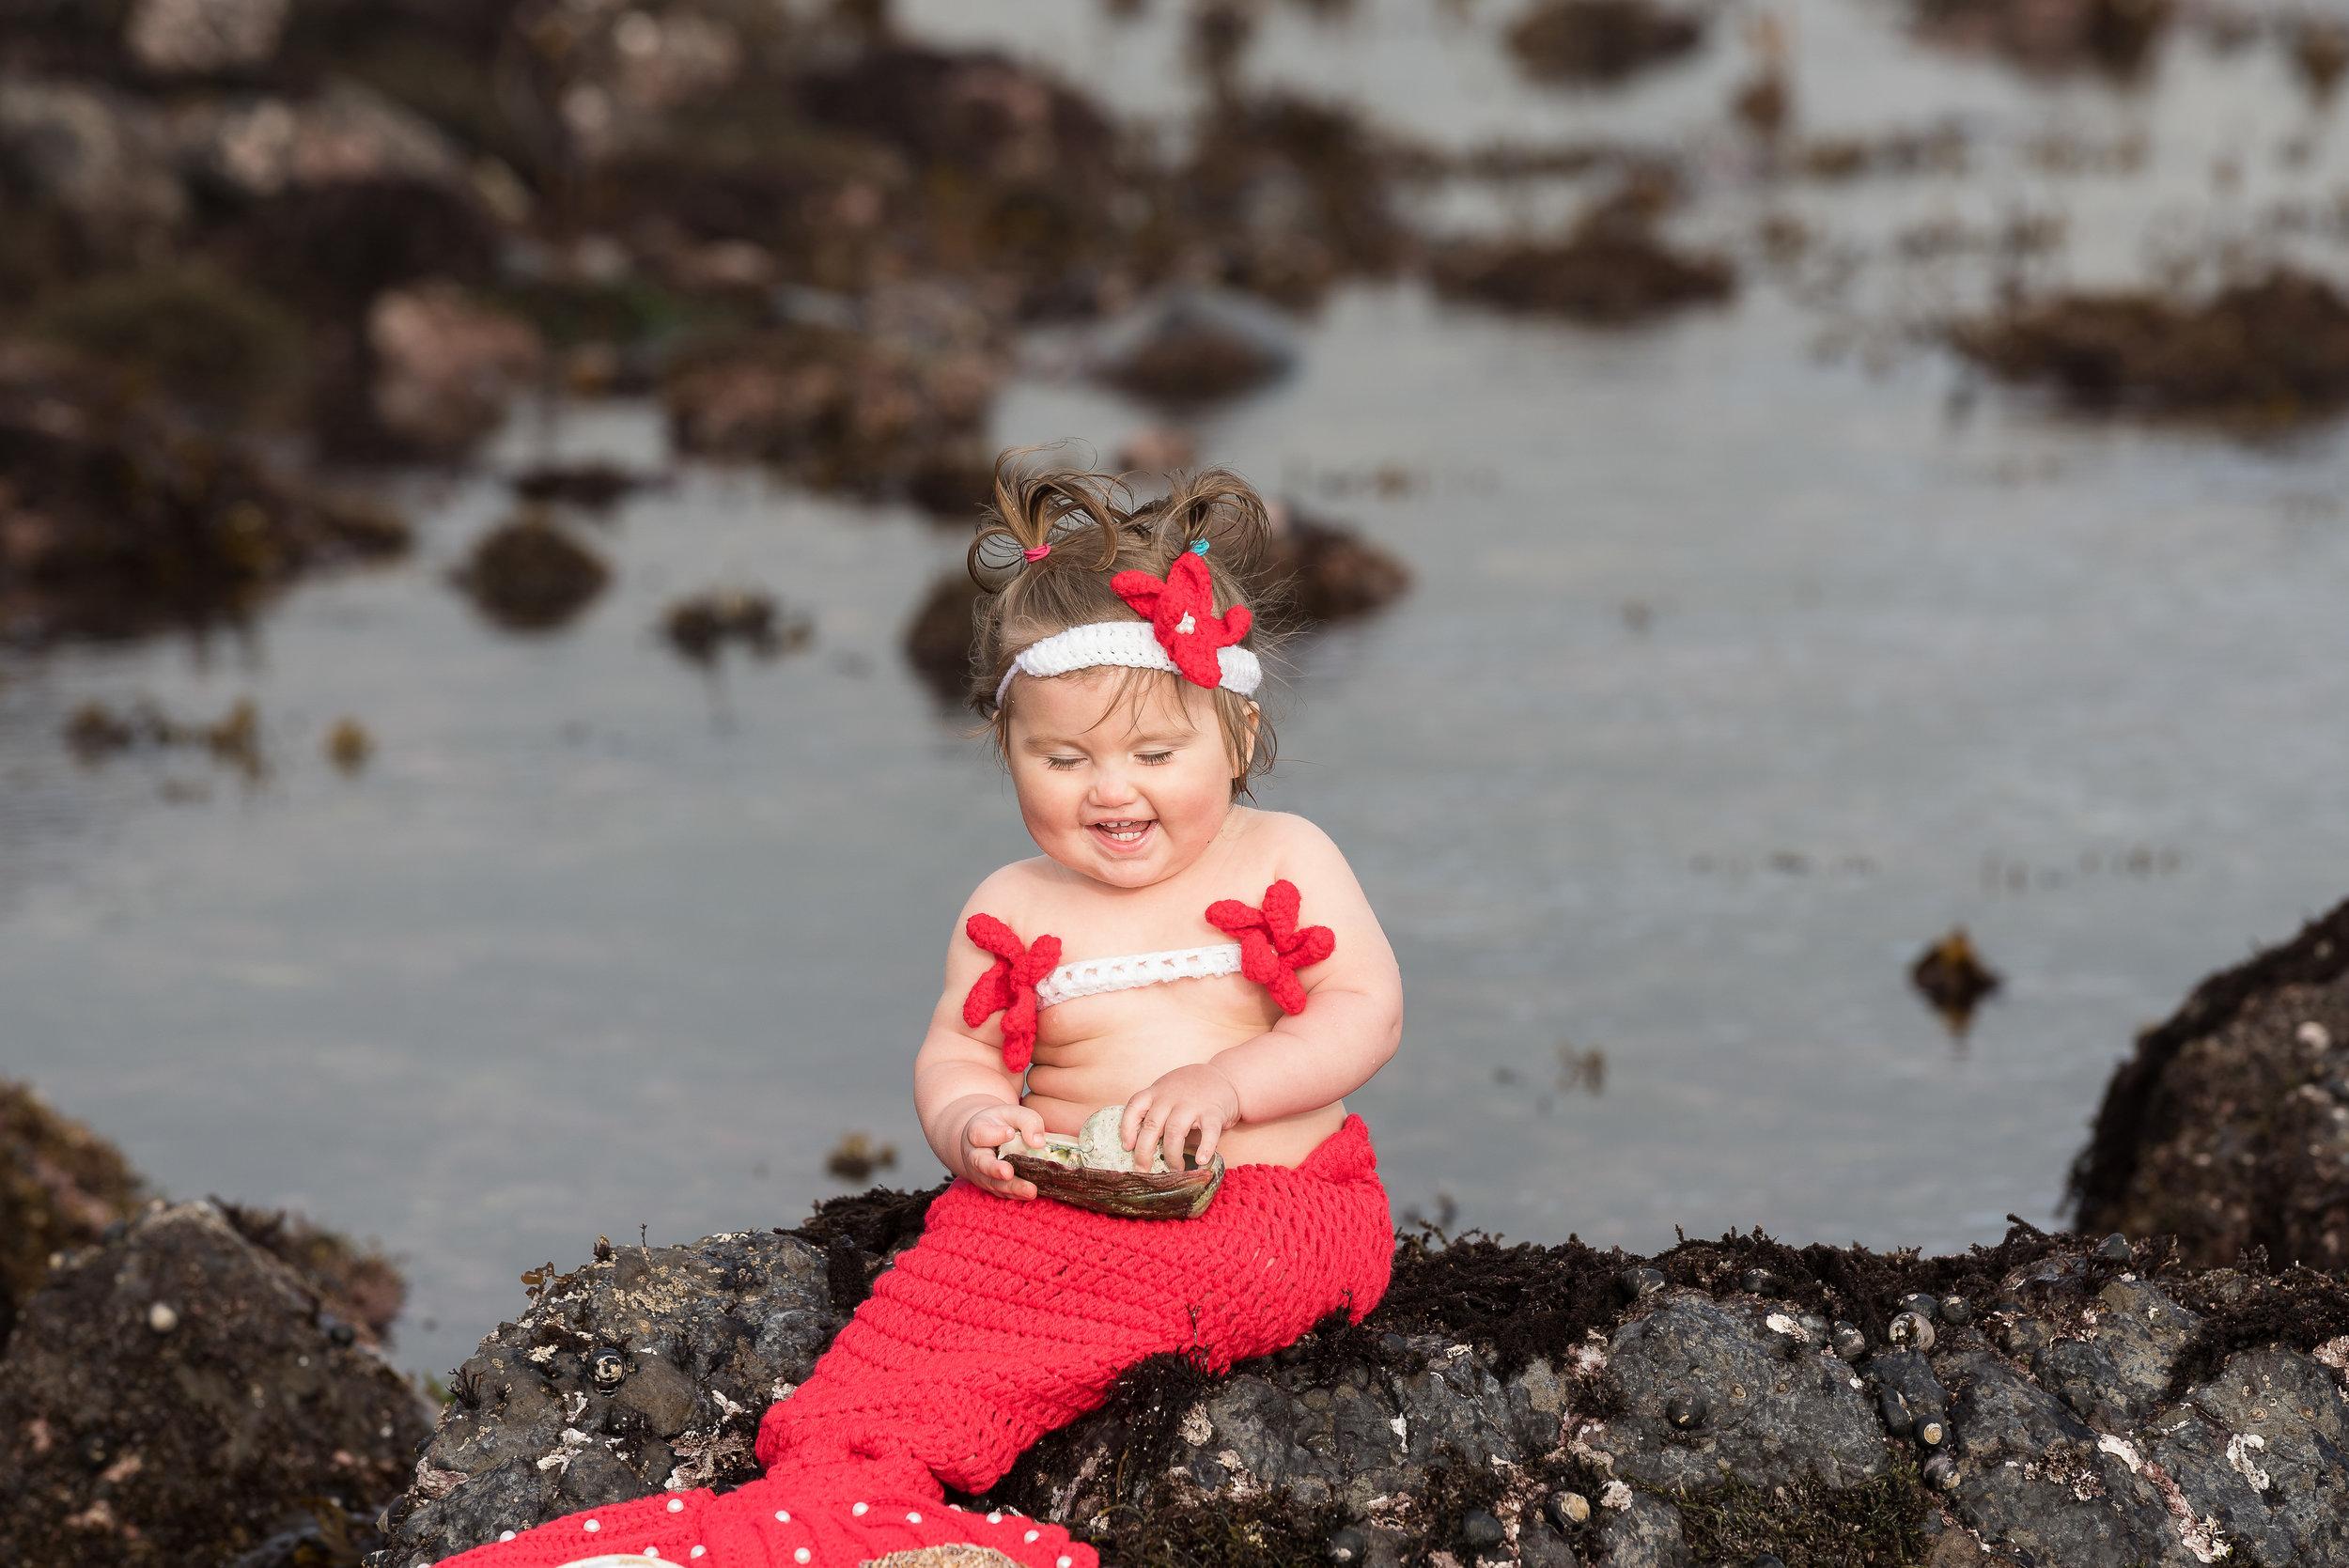 Naiya-Parky'sPics-Shelter Cove-Mermaid-HumboldtCounty-5.JPG